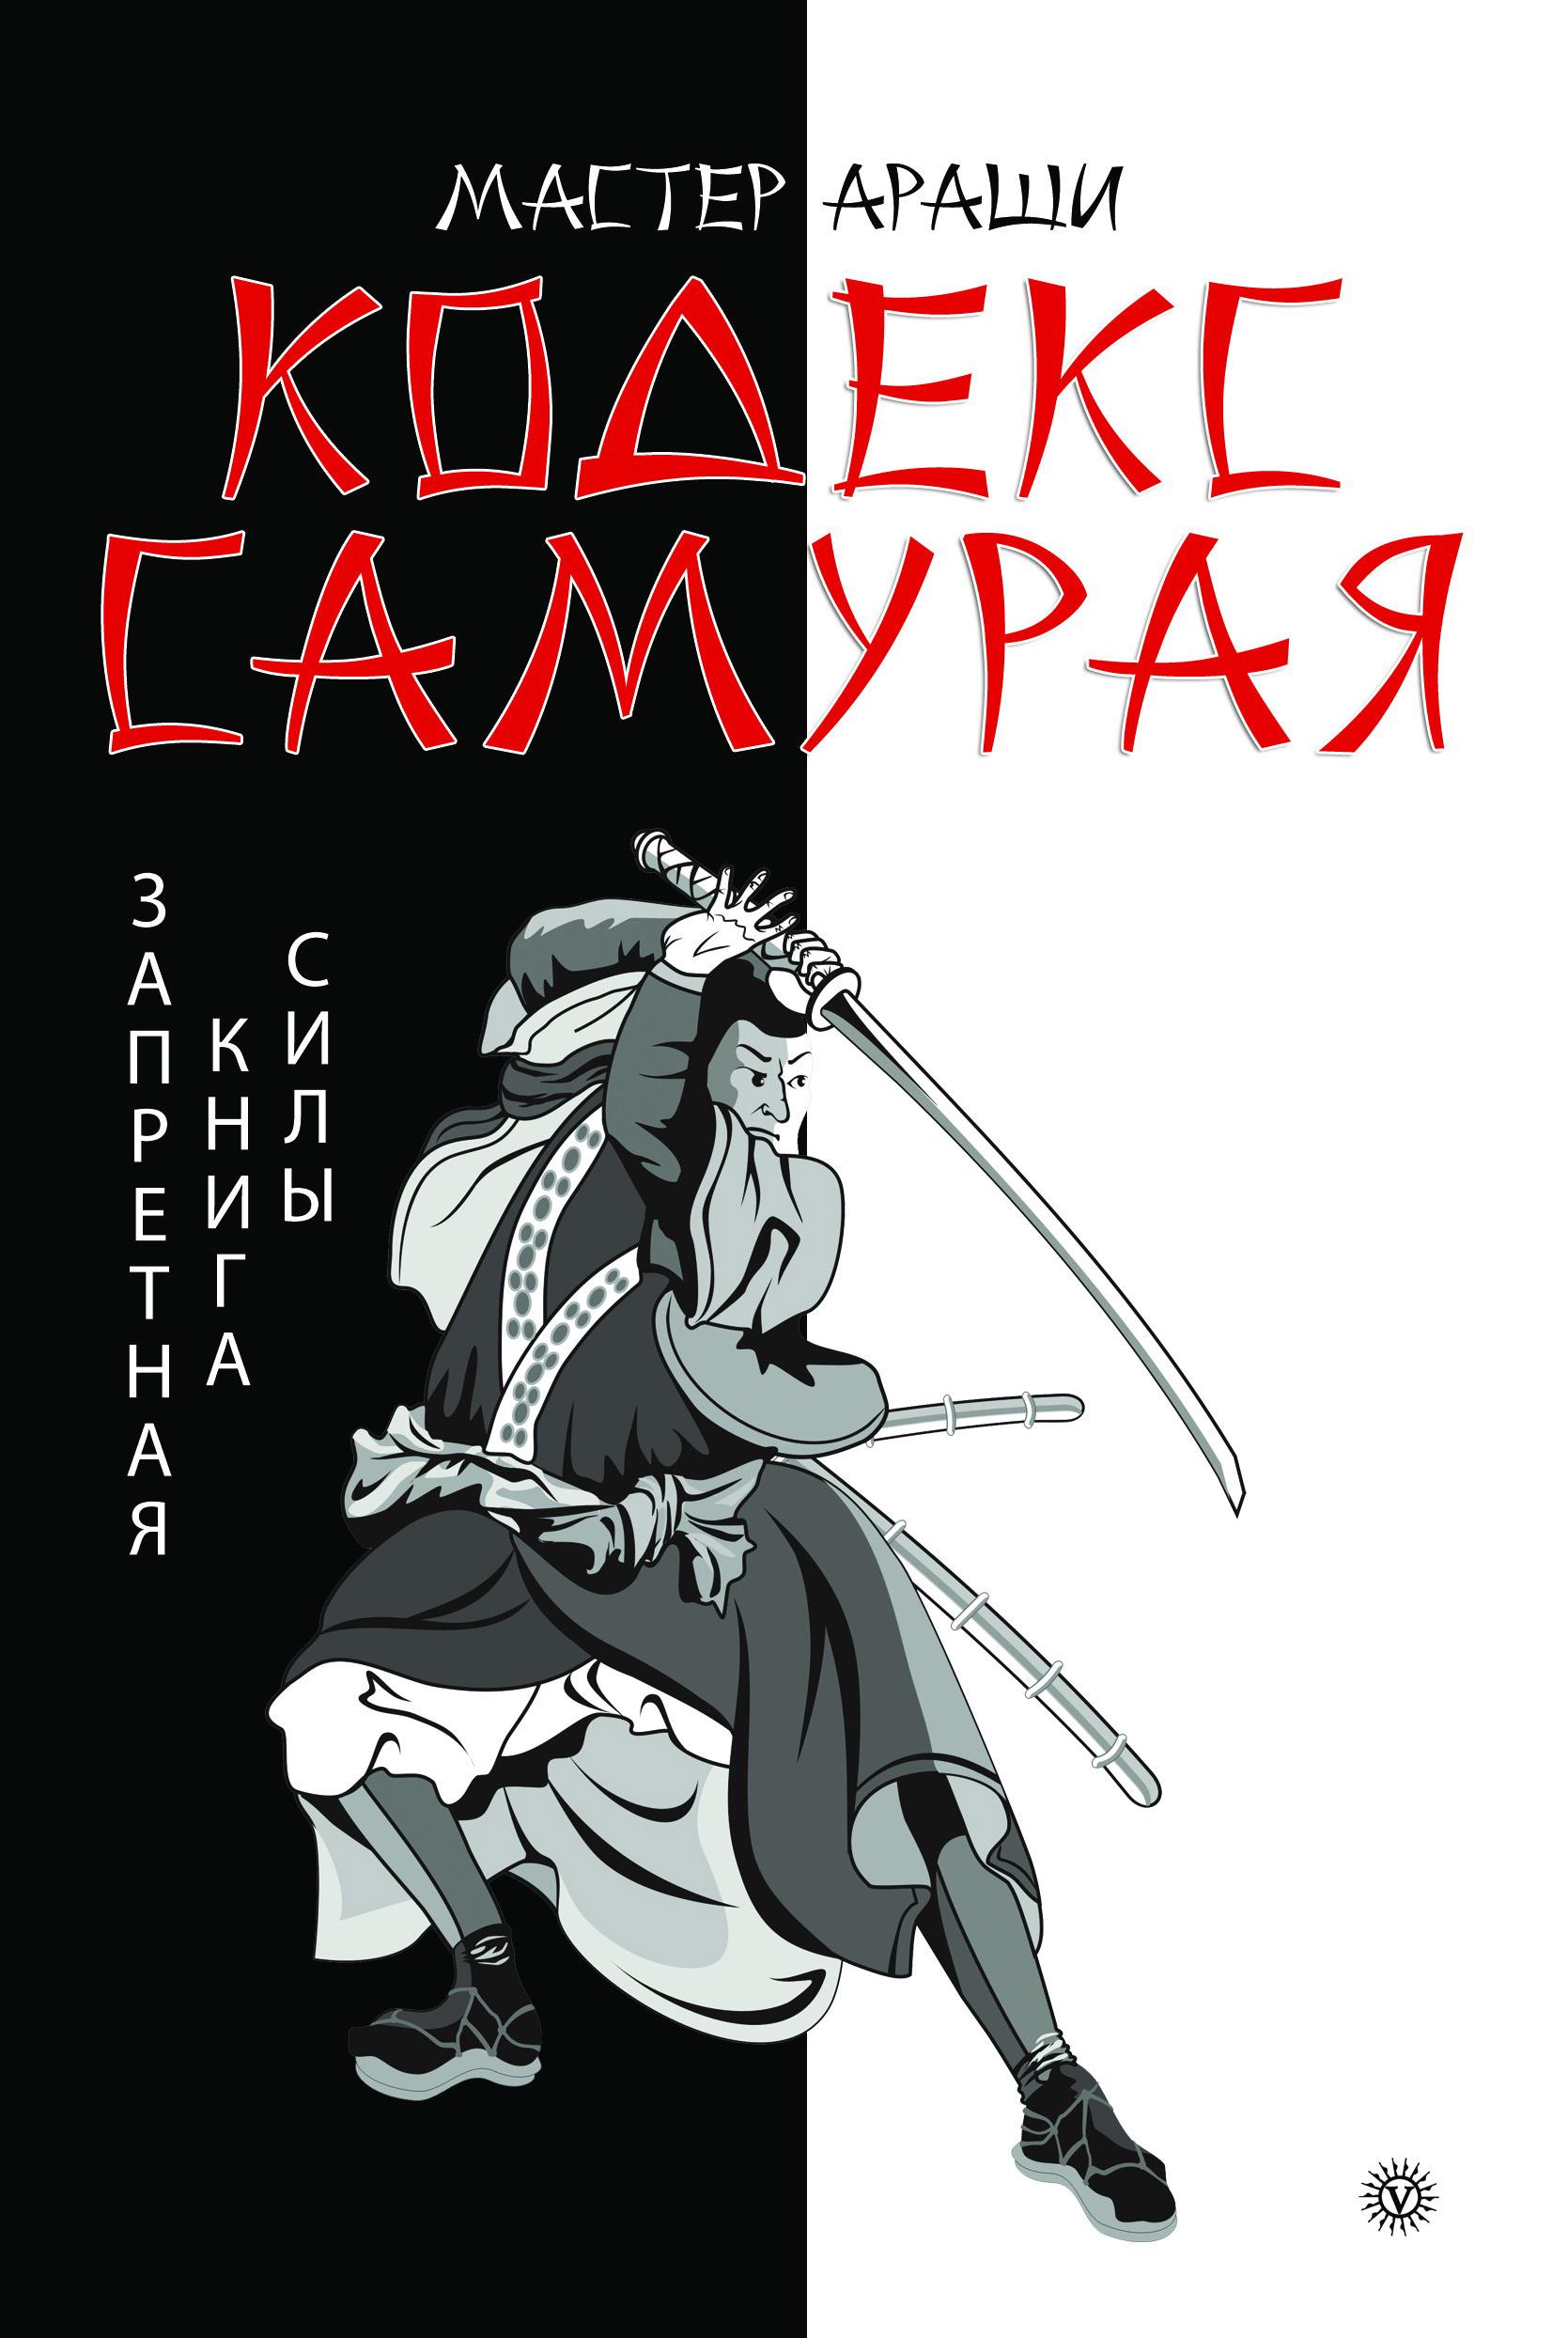 Мастер Араши Кодекс самурая. Запретная книга Силы цена